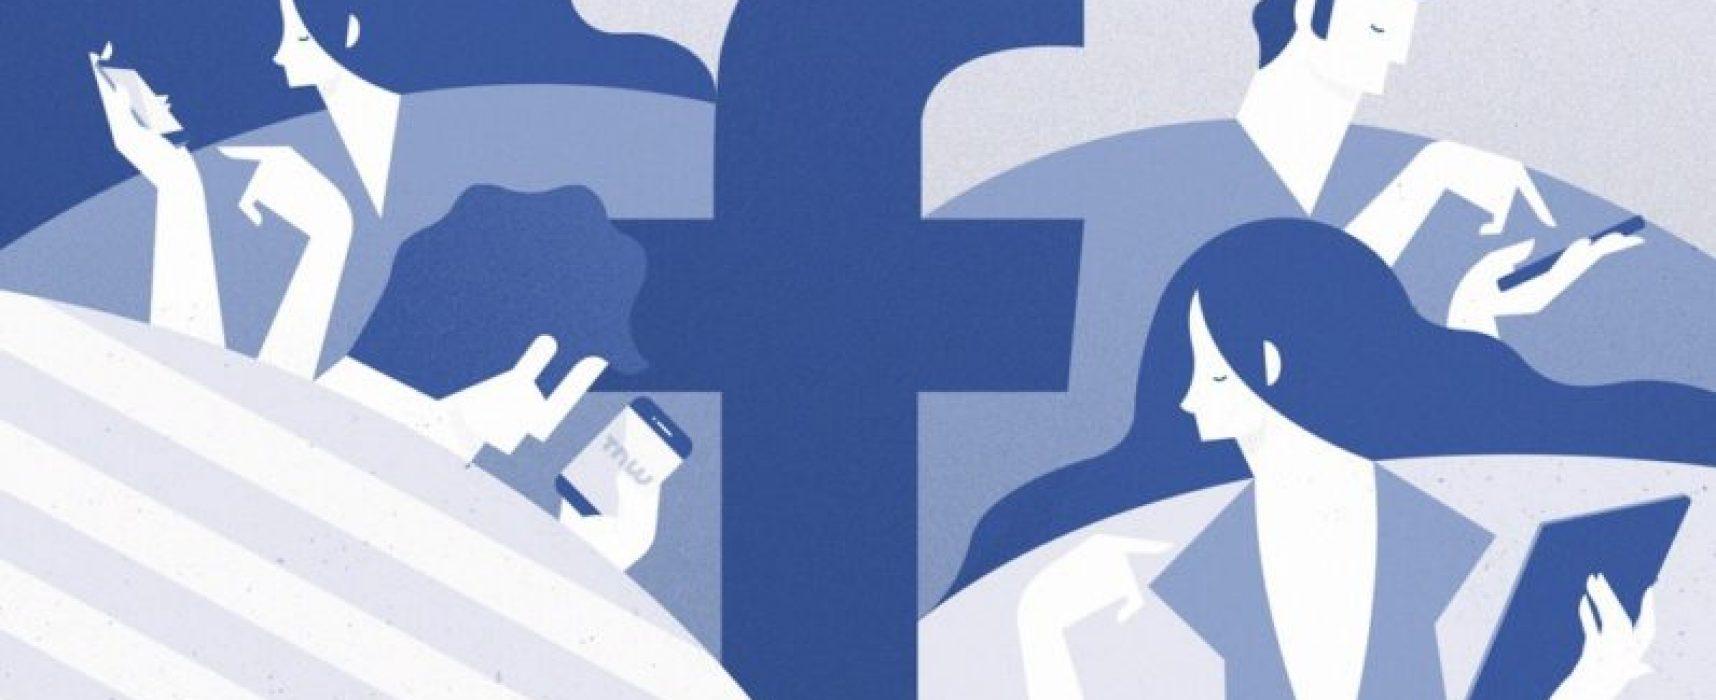 Facebook ще предоставя повече данни за източниците на новините